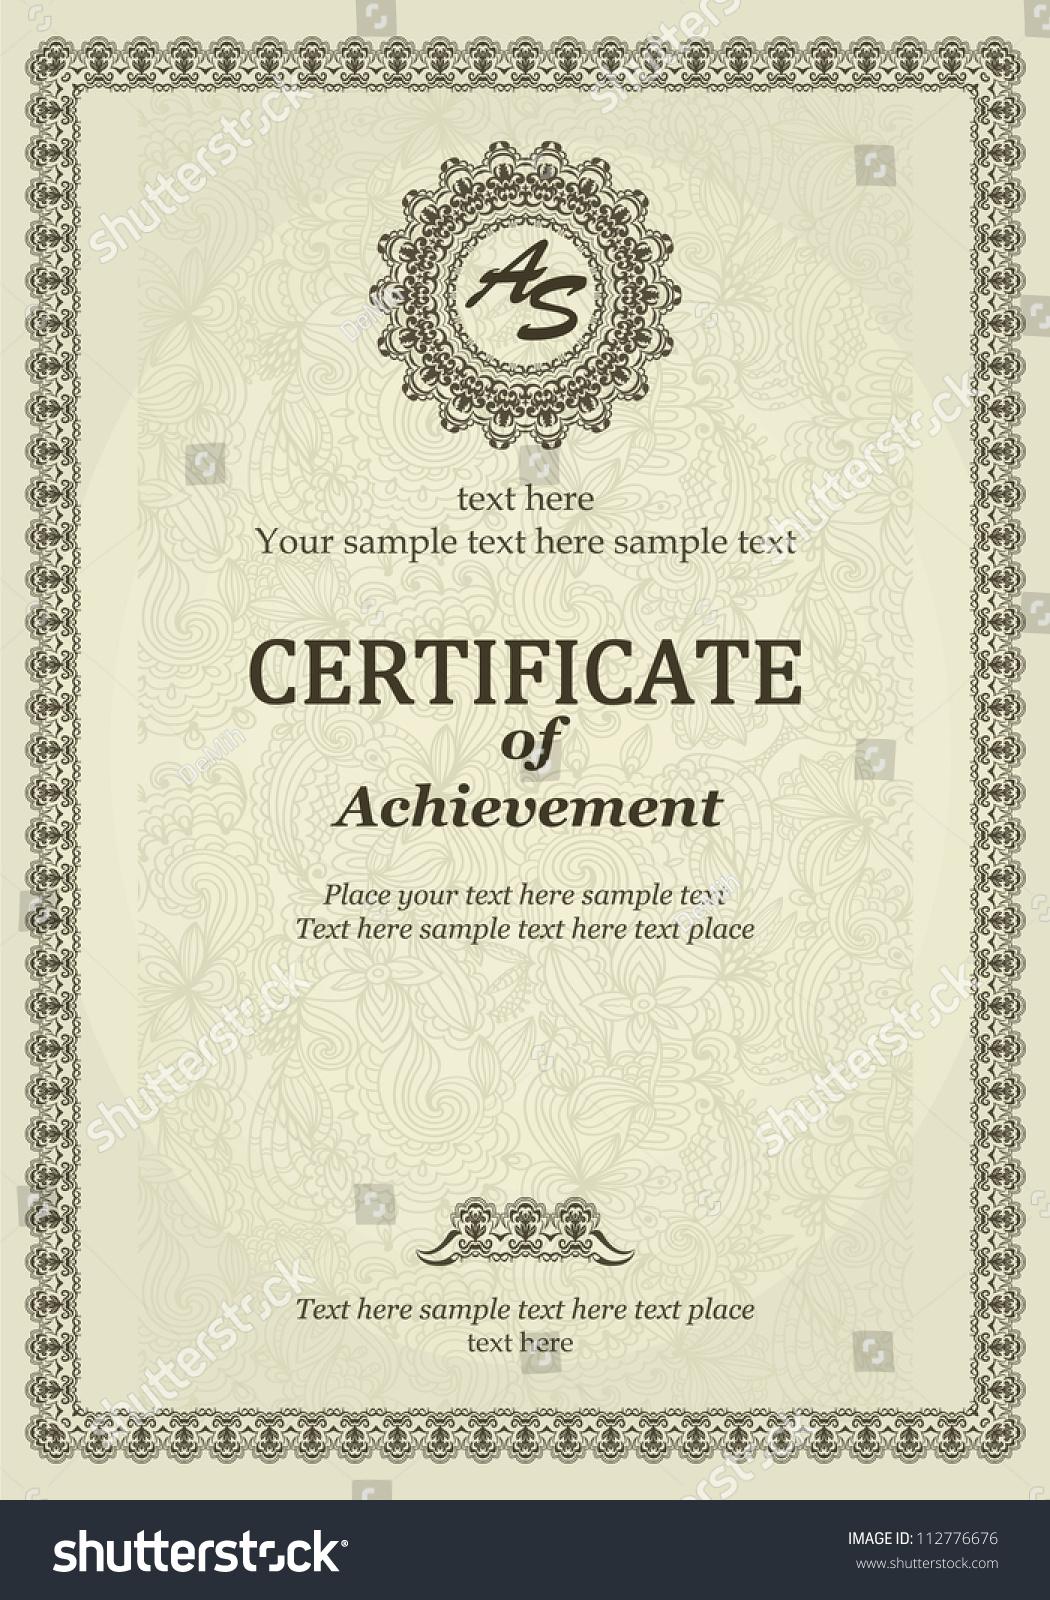 elegant classic certificate achievement vintage frames